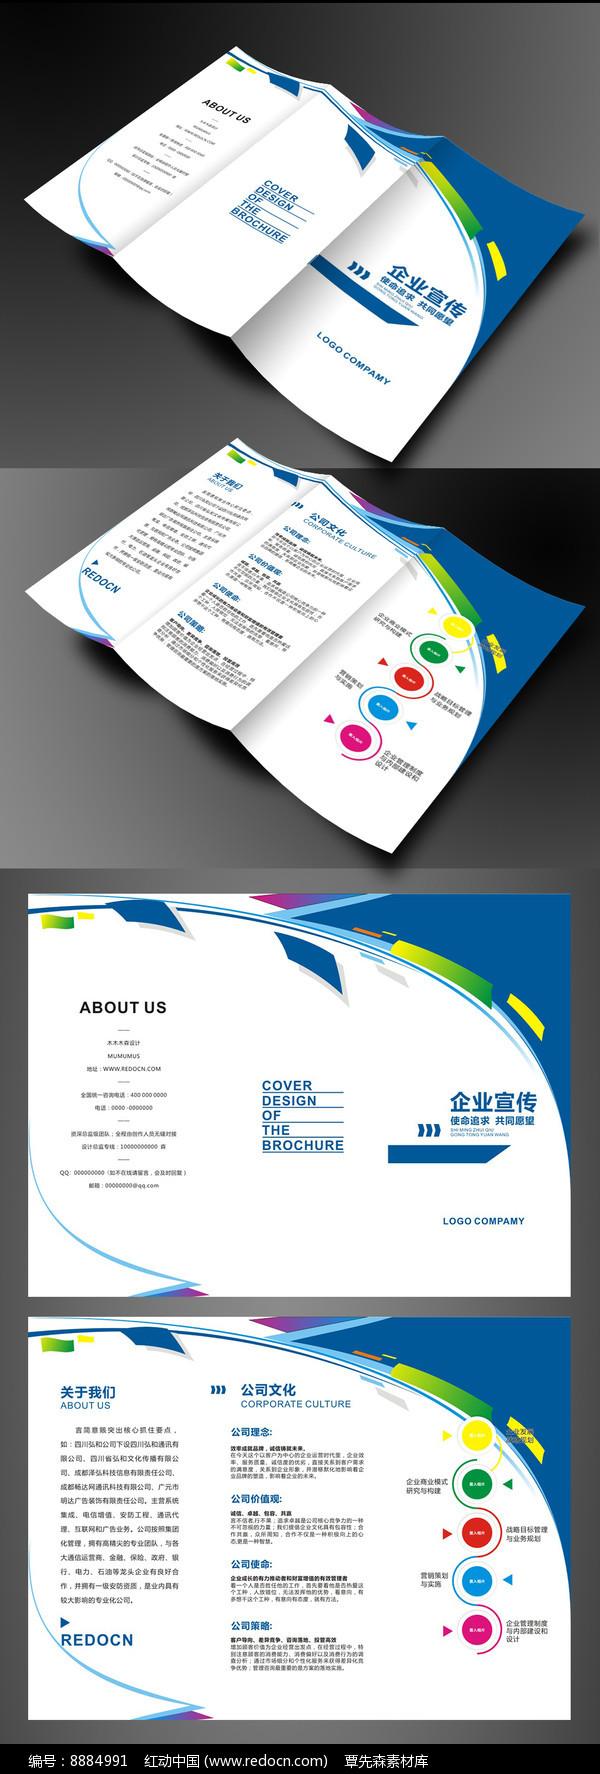 简约模板v模板三折页蓝色CDR素材下载_折福州君豪建筑设计有限公司图片